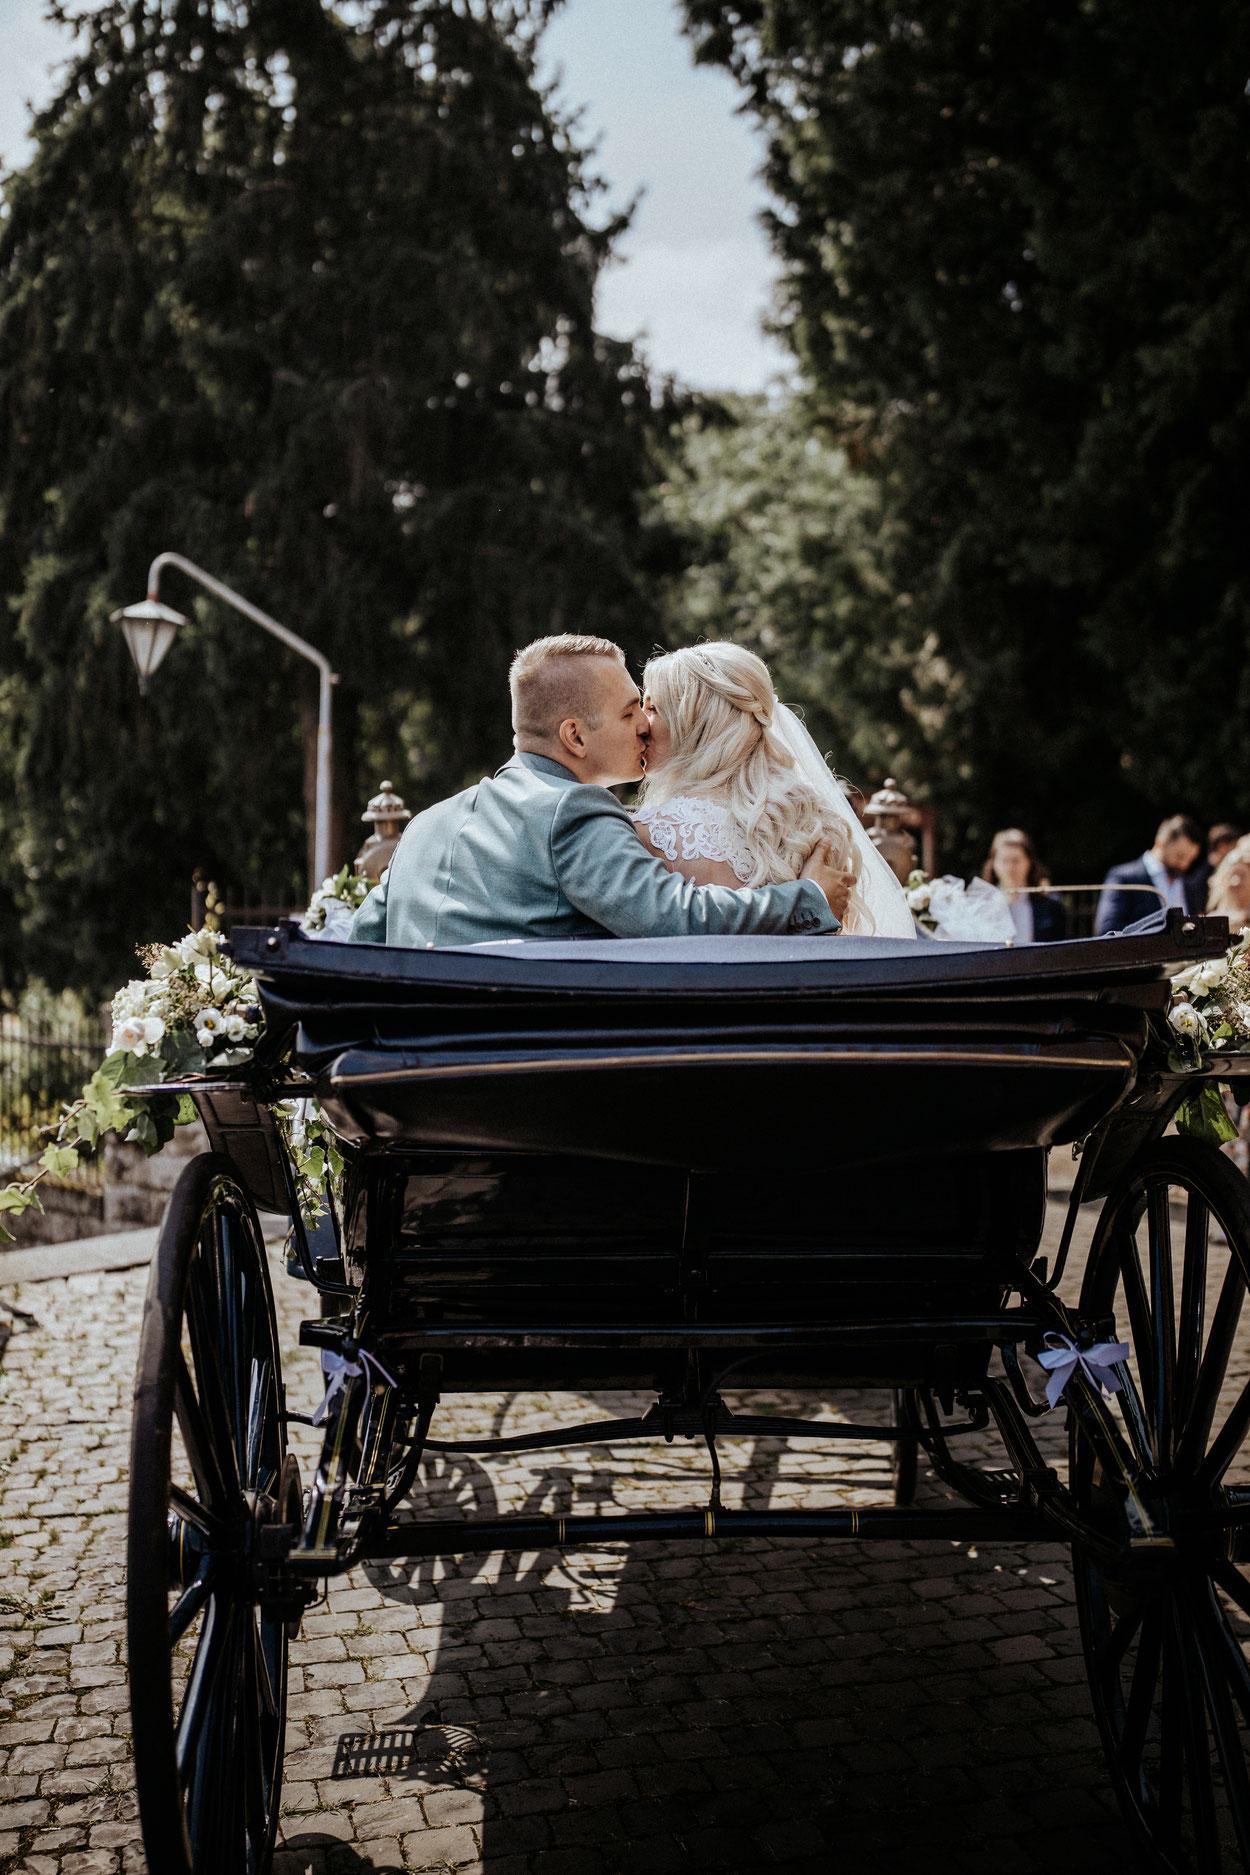 Hochzeitsfotograf Saarland - Fotograf Kai Kreutzer 3298000 Saarbrücken, Saarlouis, Merzig, St. Wendel